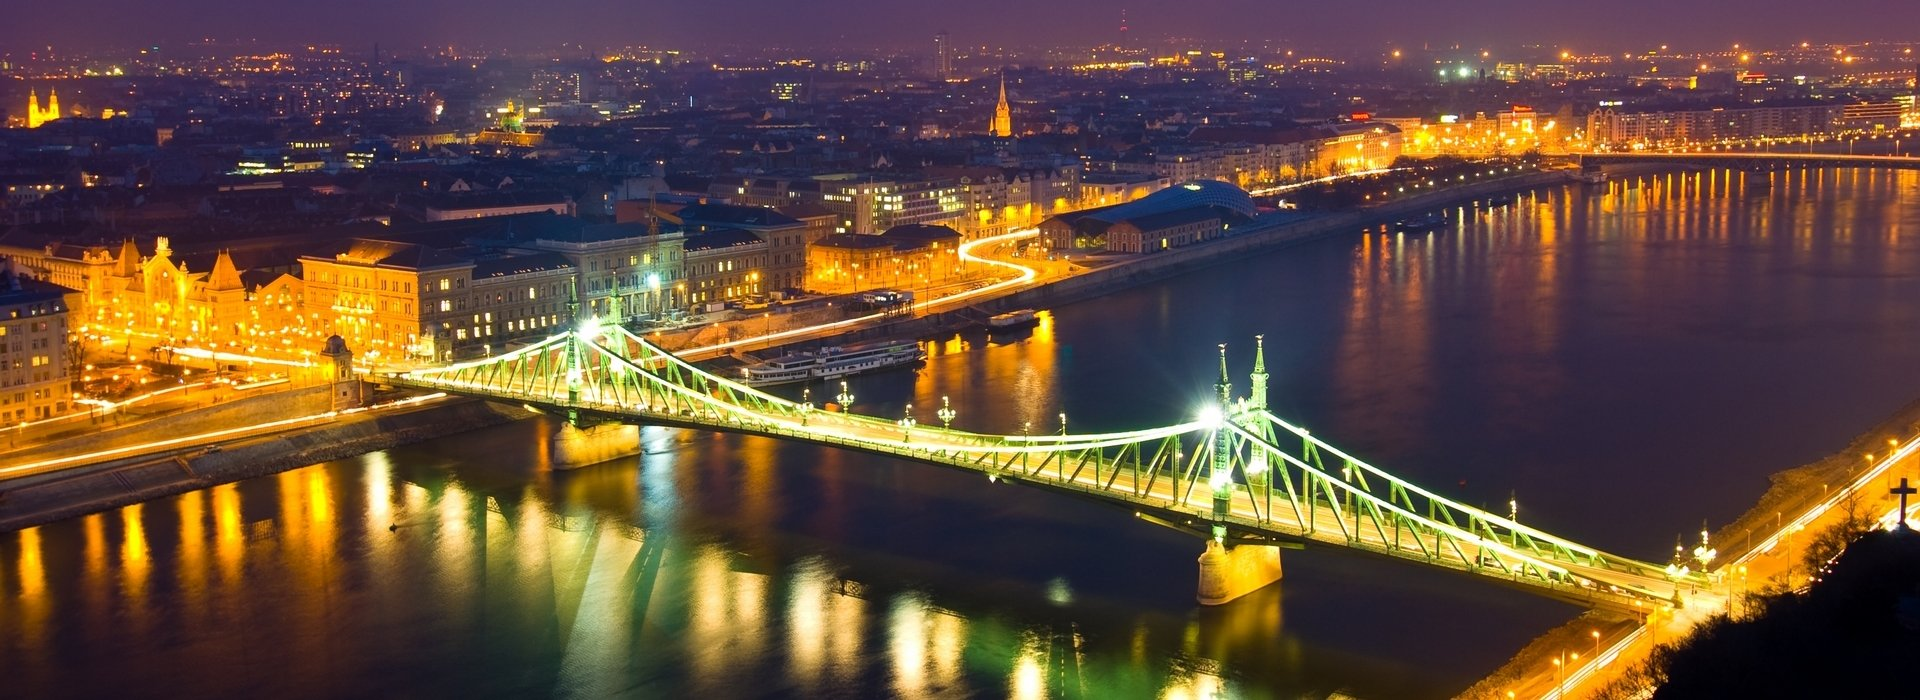 Bridges in Budapest – Budapest Bridges